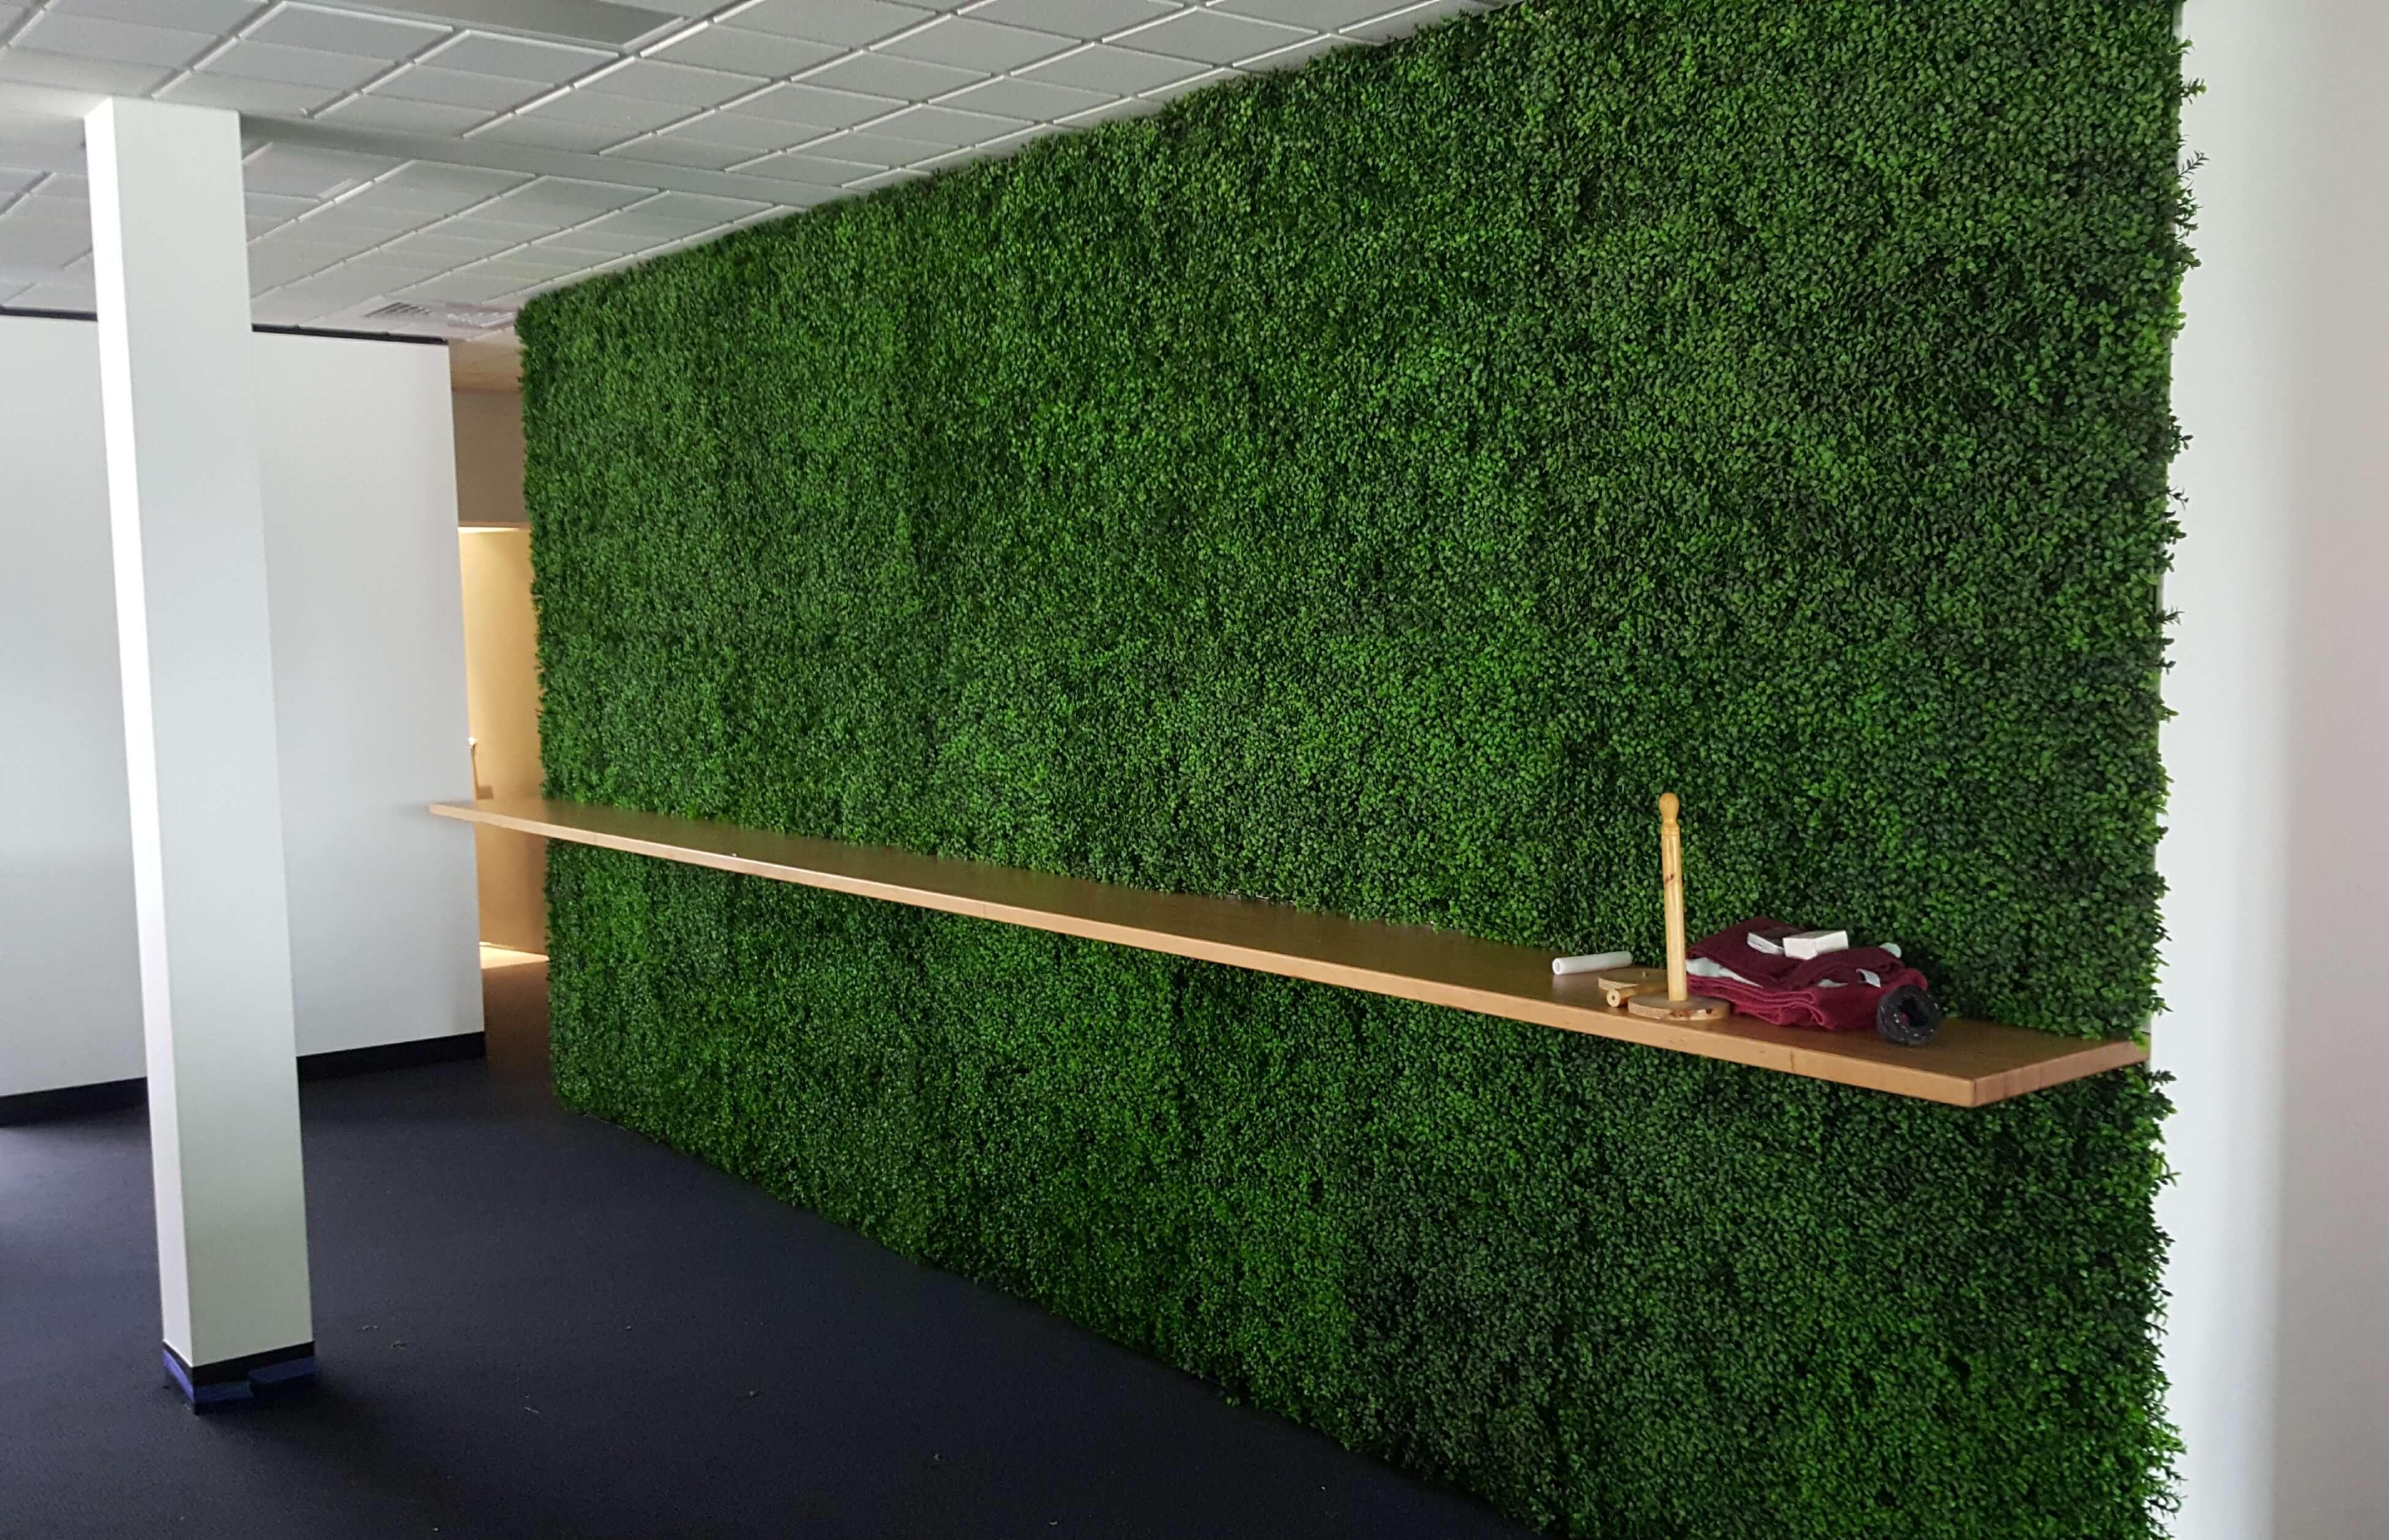 Vertical Garden Green Wall Disk Landscaped